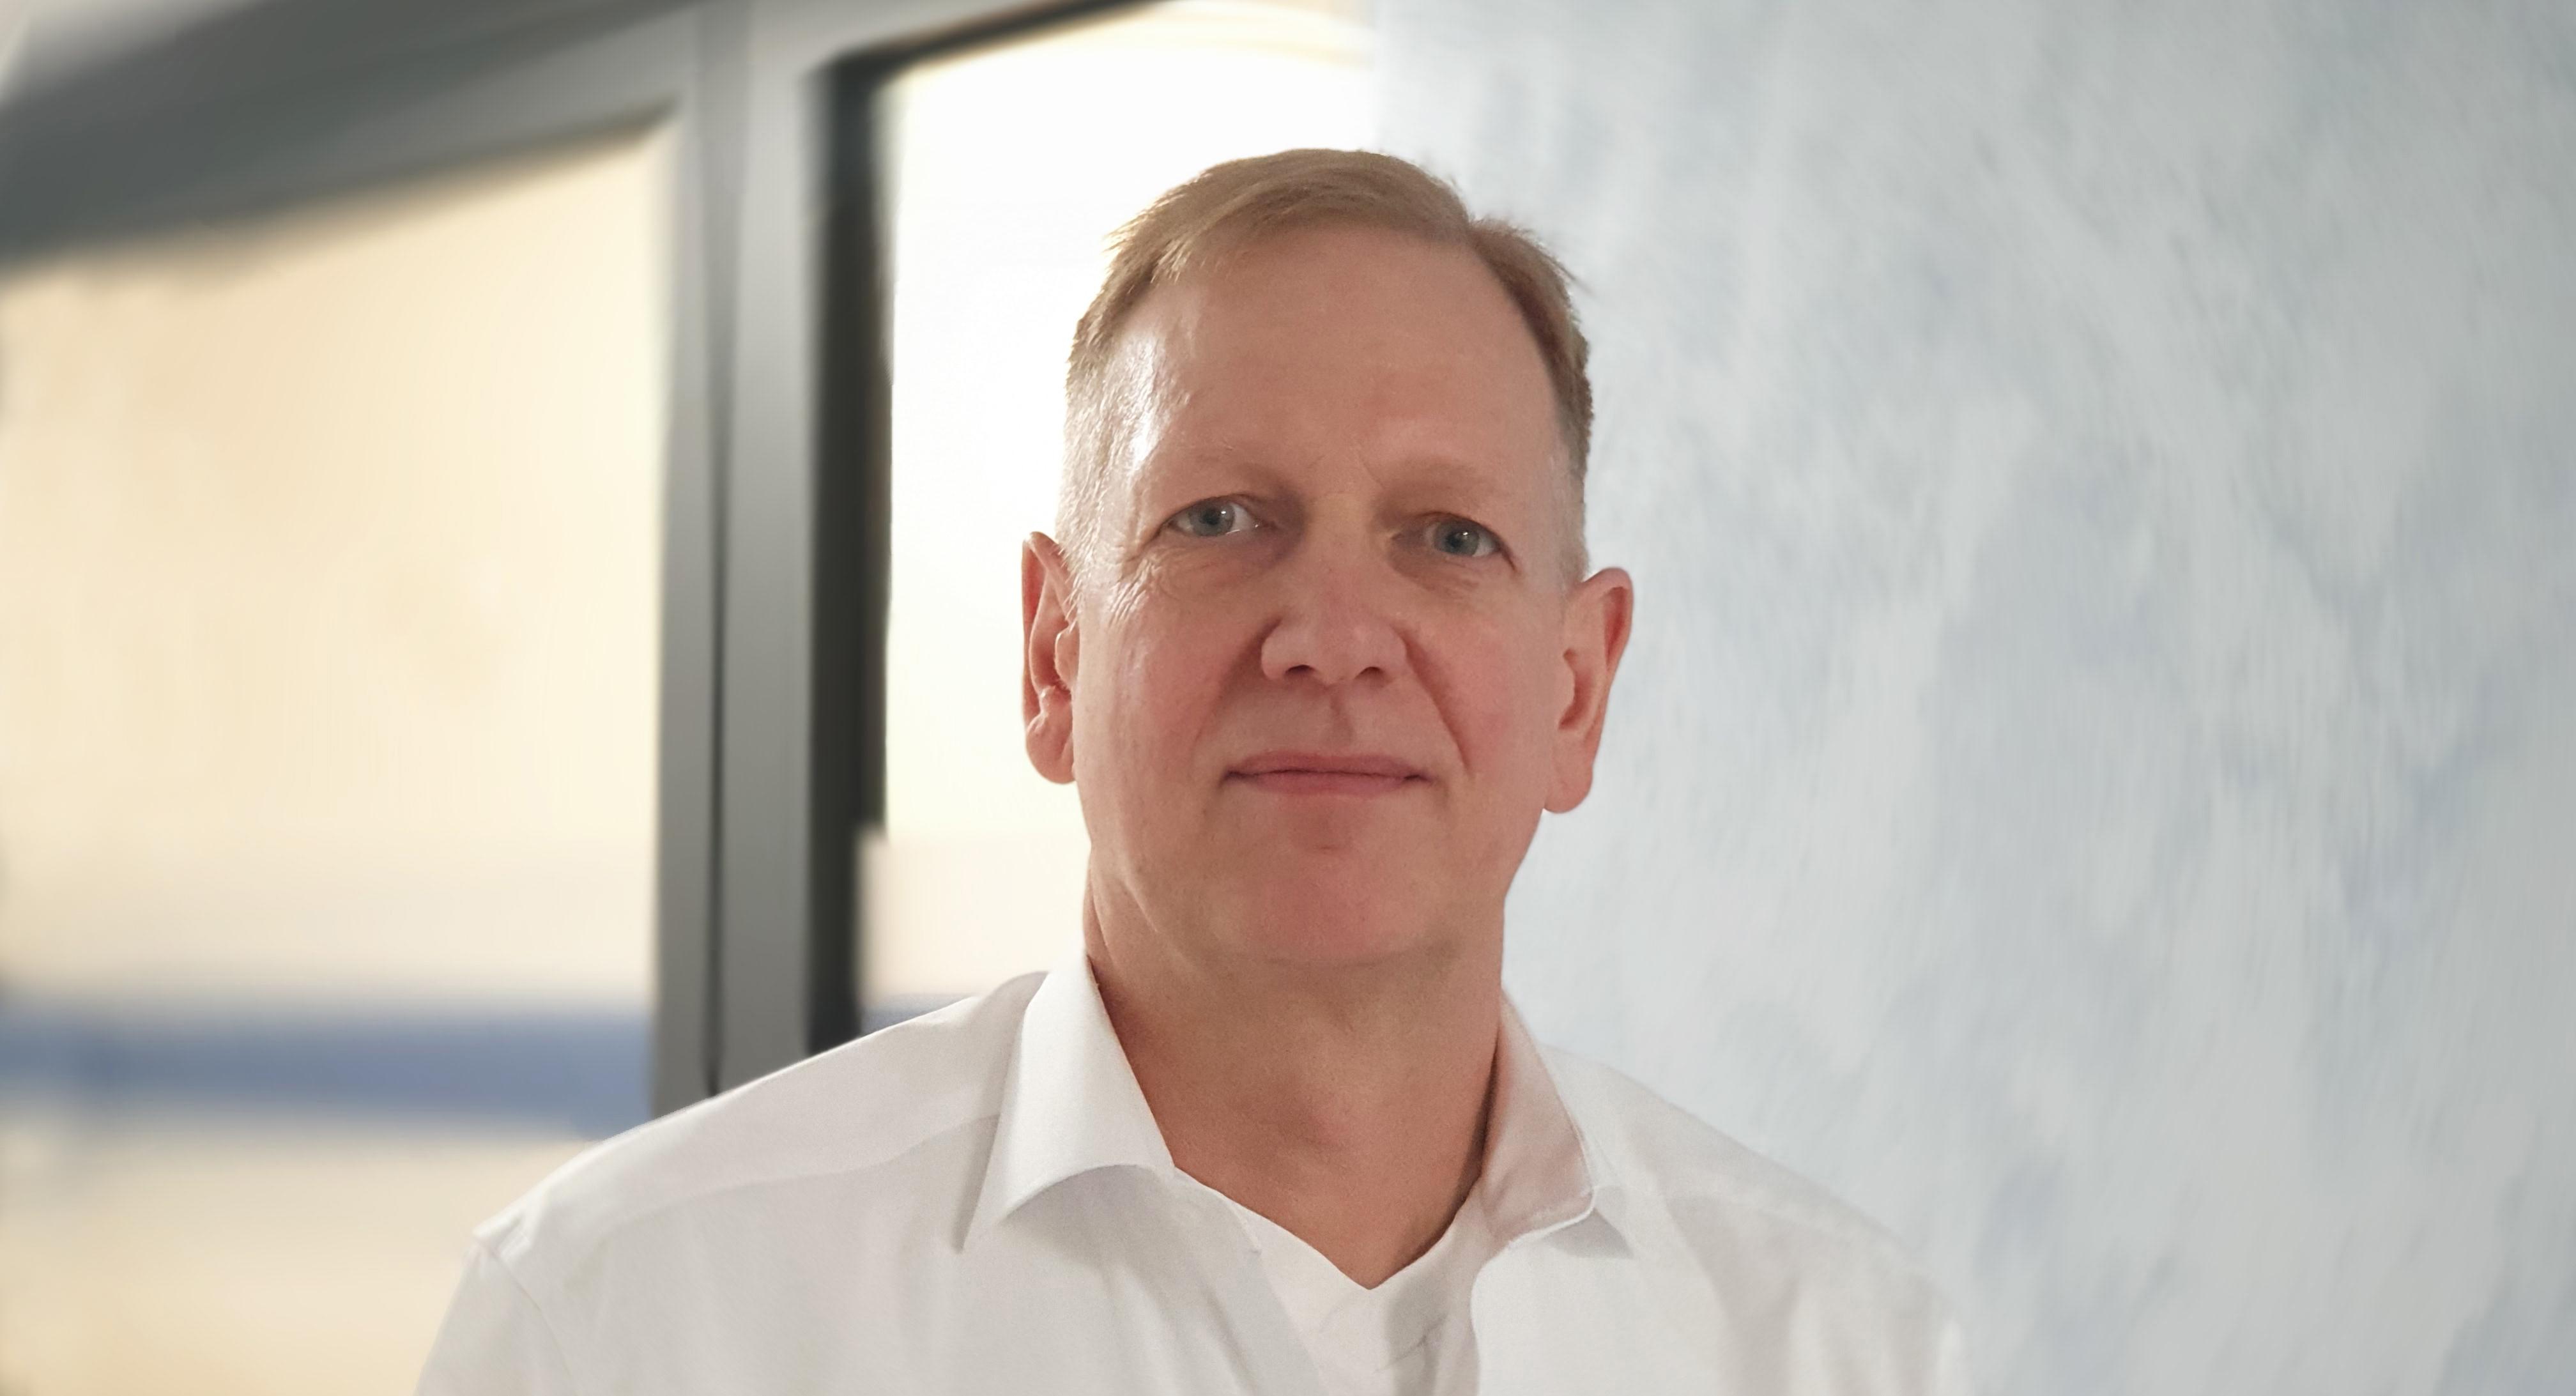 Augenarzt Dr. med. Stefan Bodanowitz